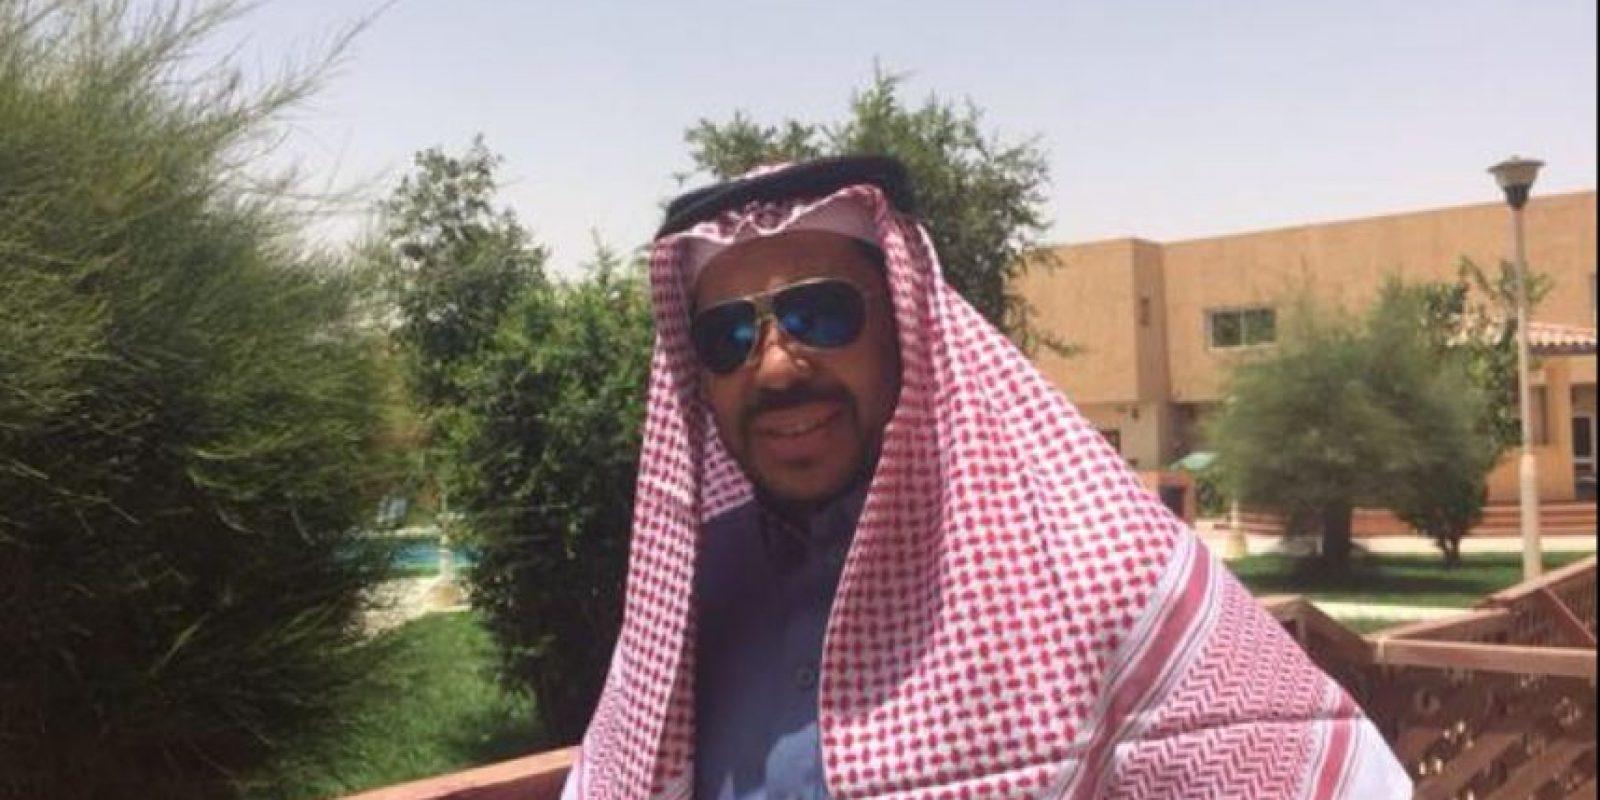 Ahora es entrenador de porteros en el Al Nassr de Arabia Saudita Foto:Vía twitter.com/higuitarene